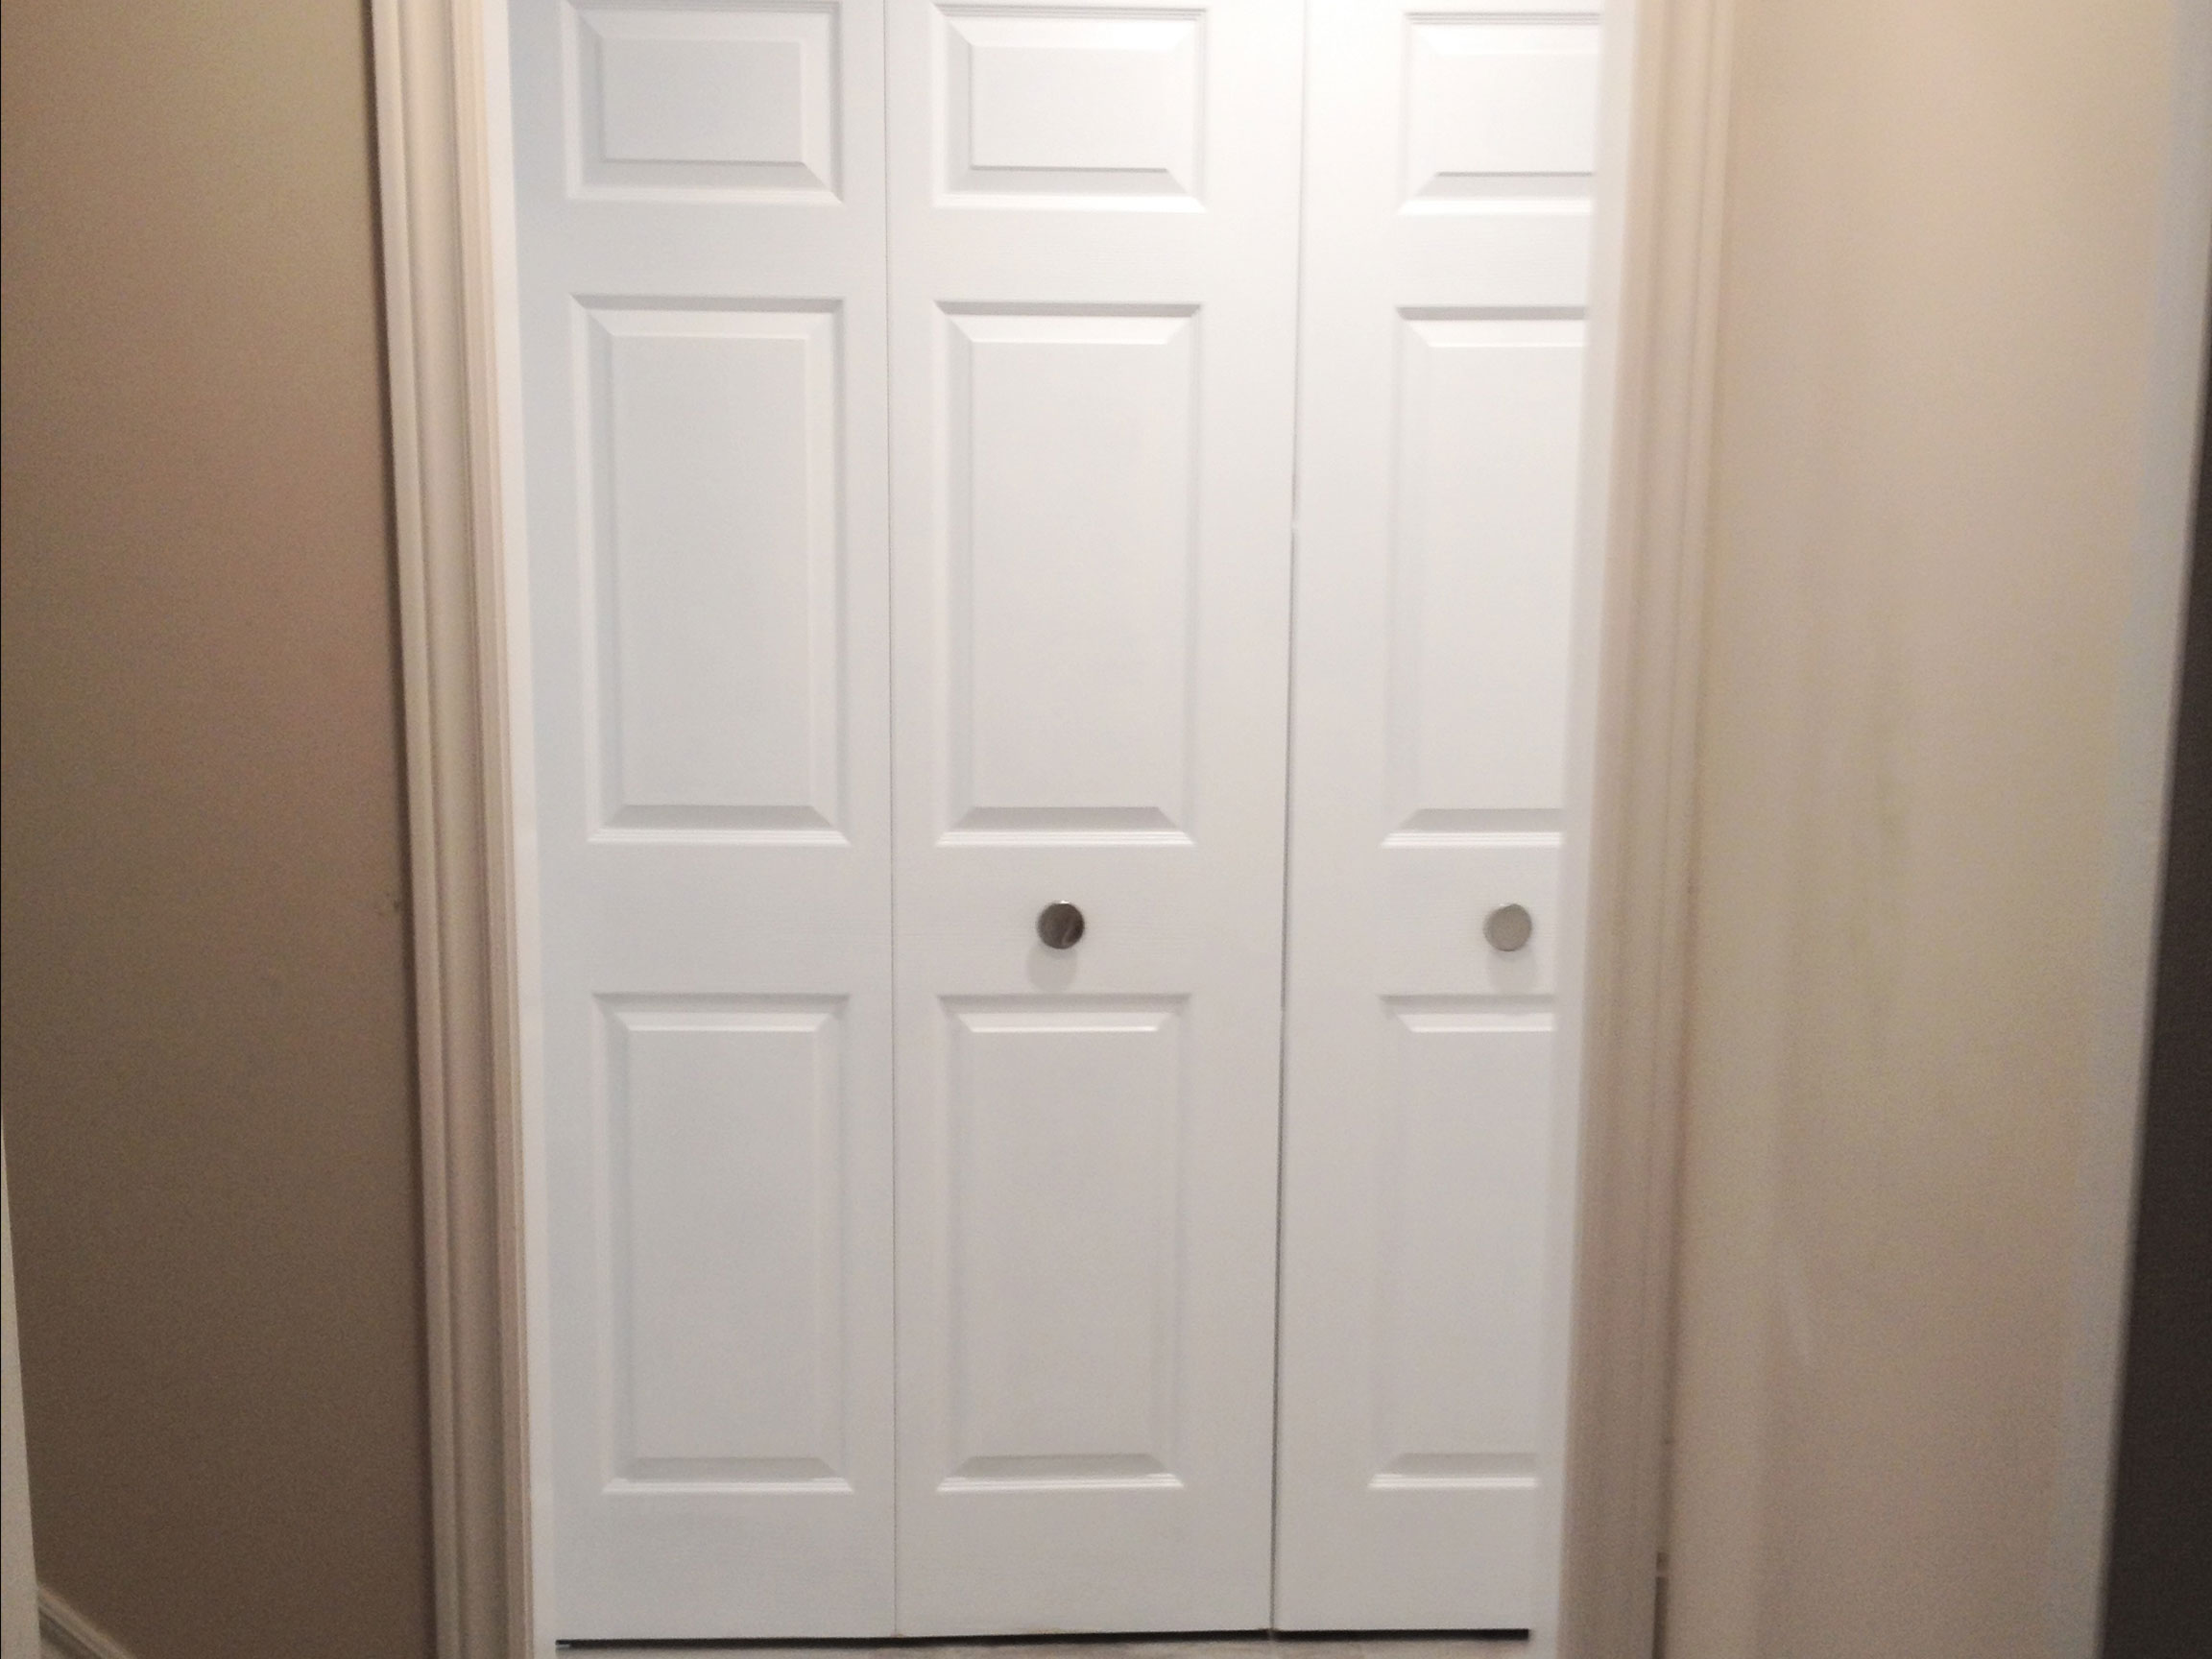 Laundry Folding Doors